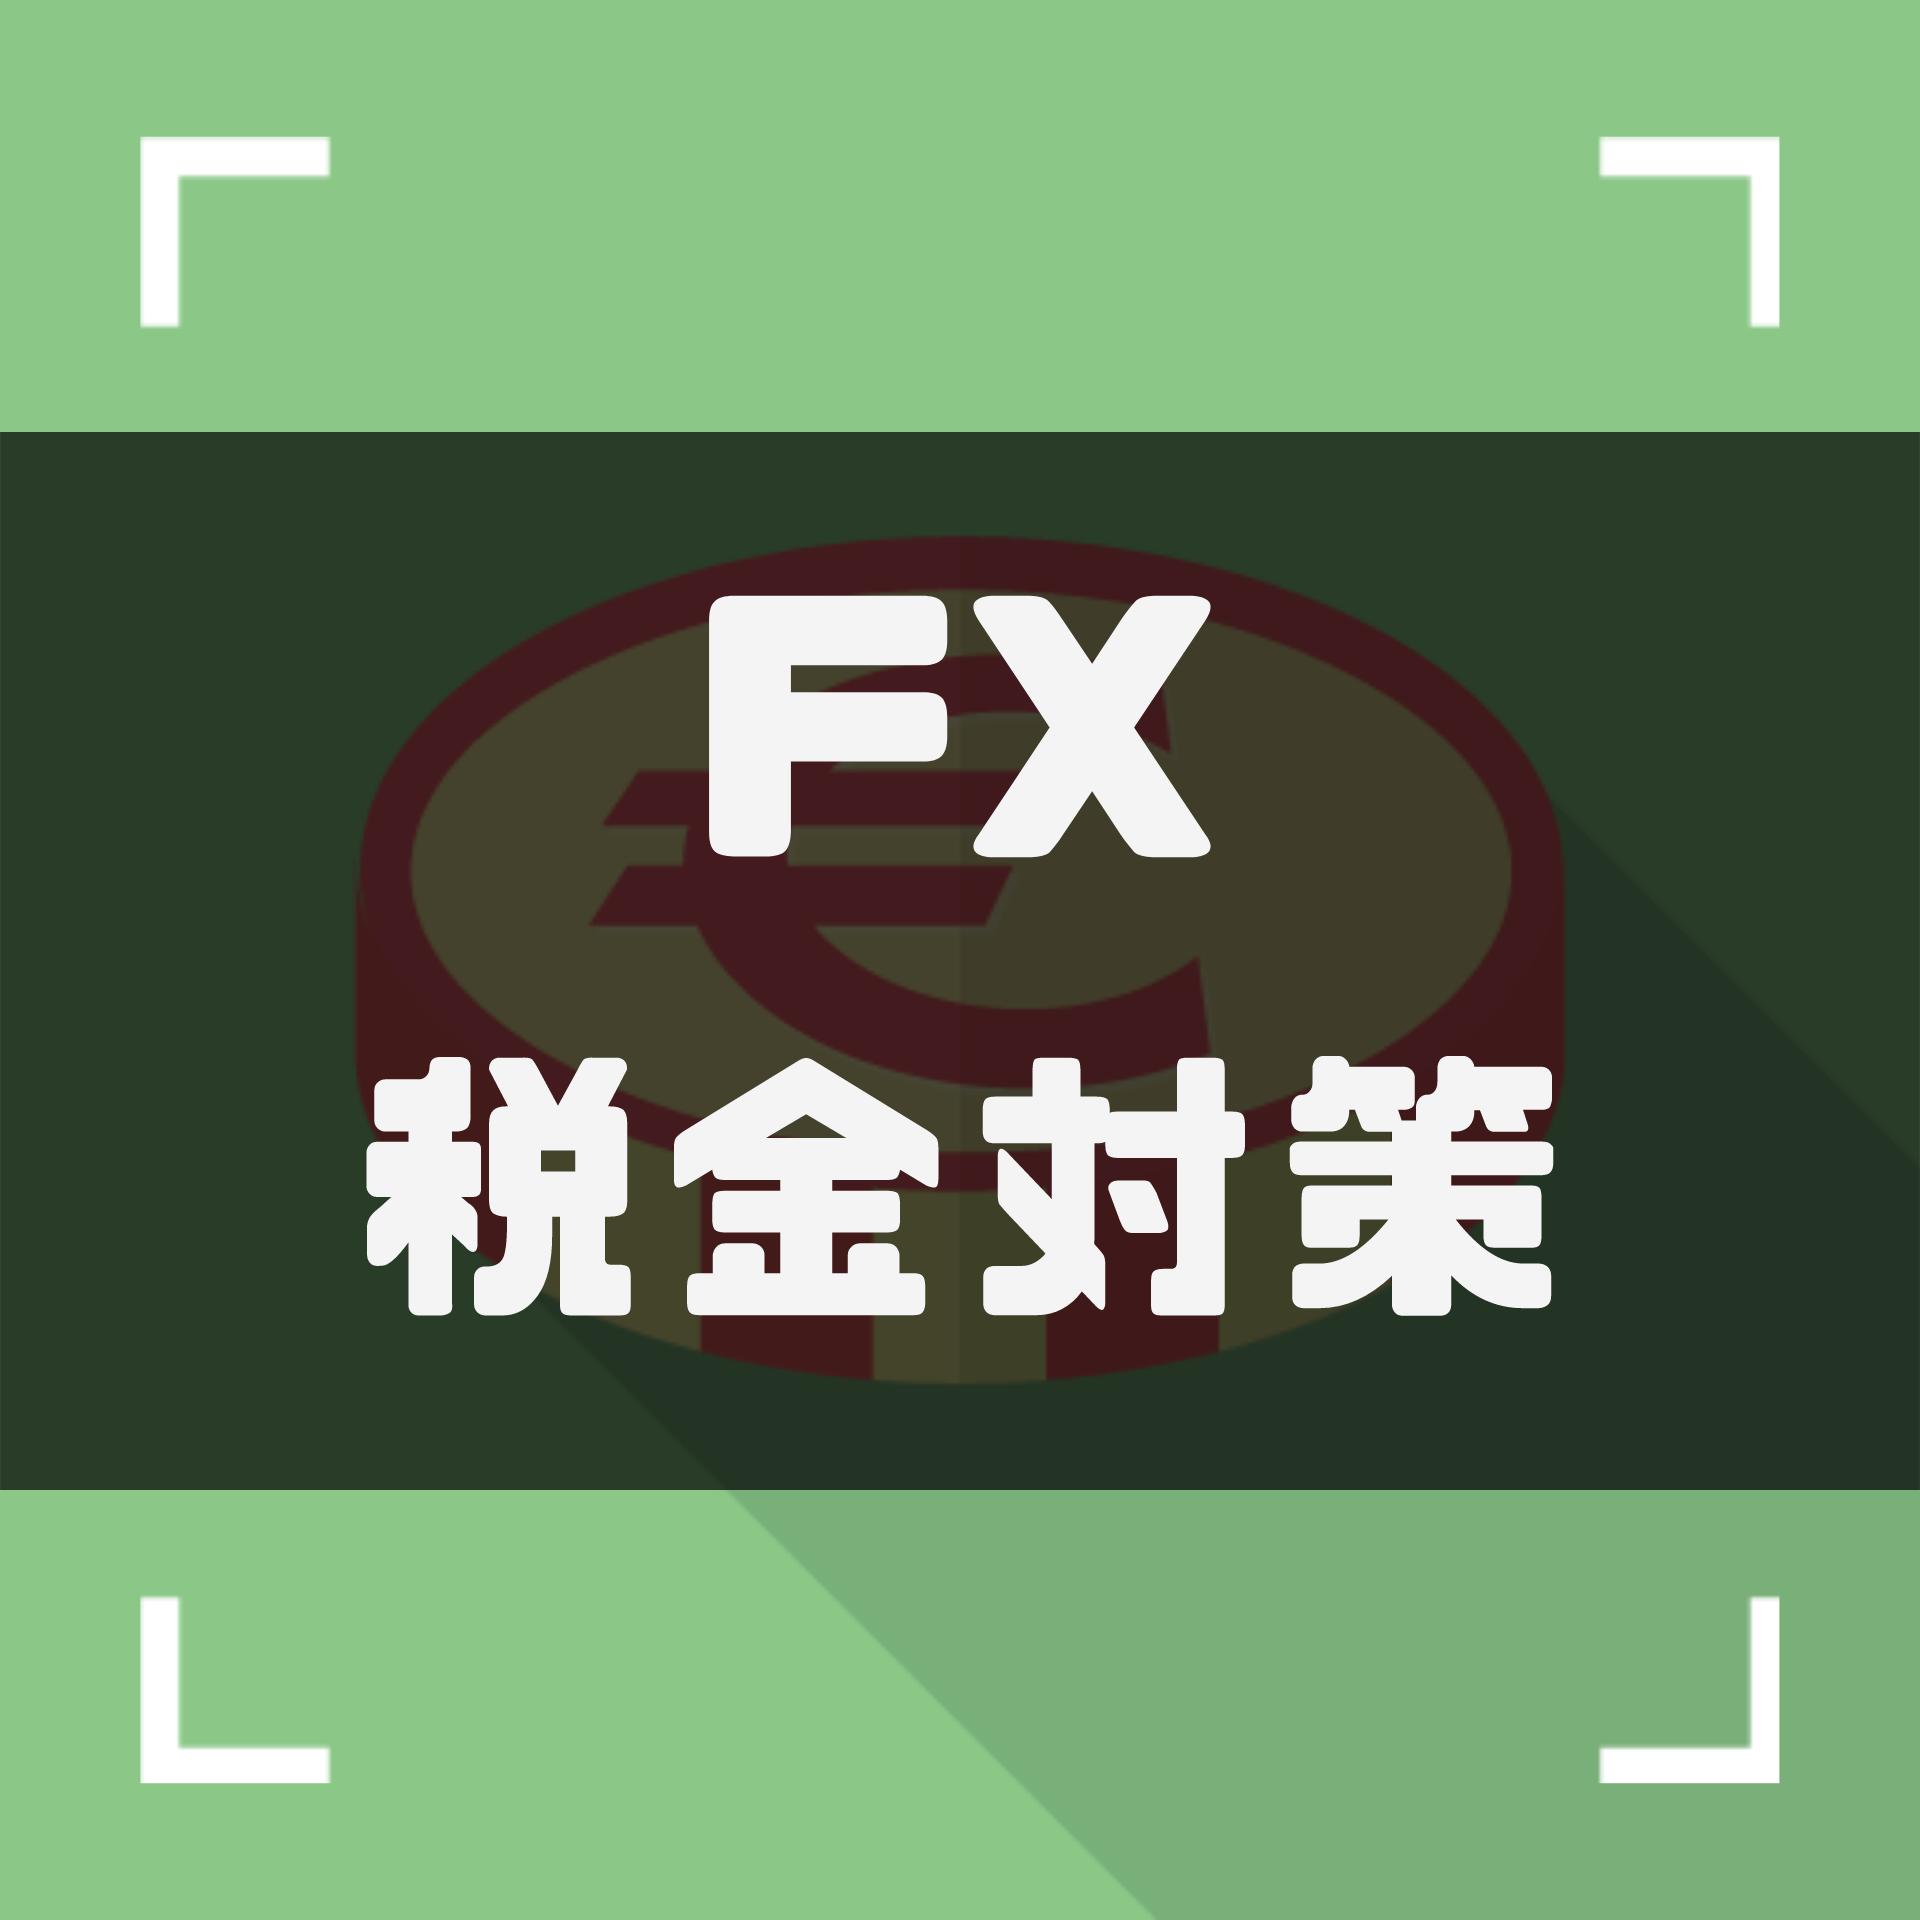 FXはいくらから税金がかかる?会社員・学生は?20万円の壁をわかりやすく解説!